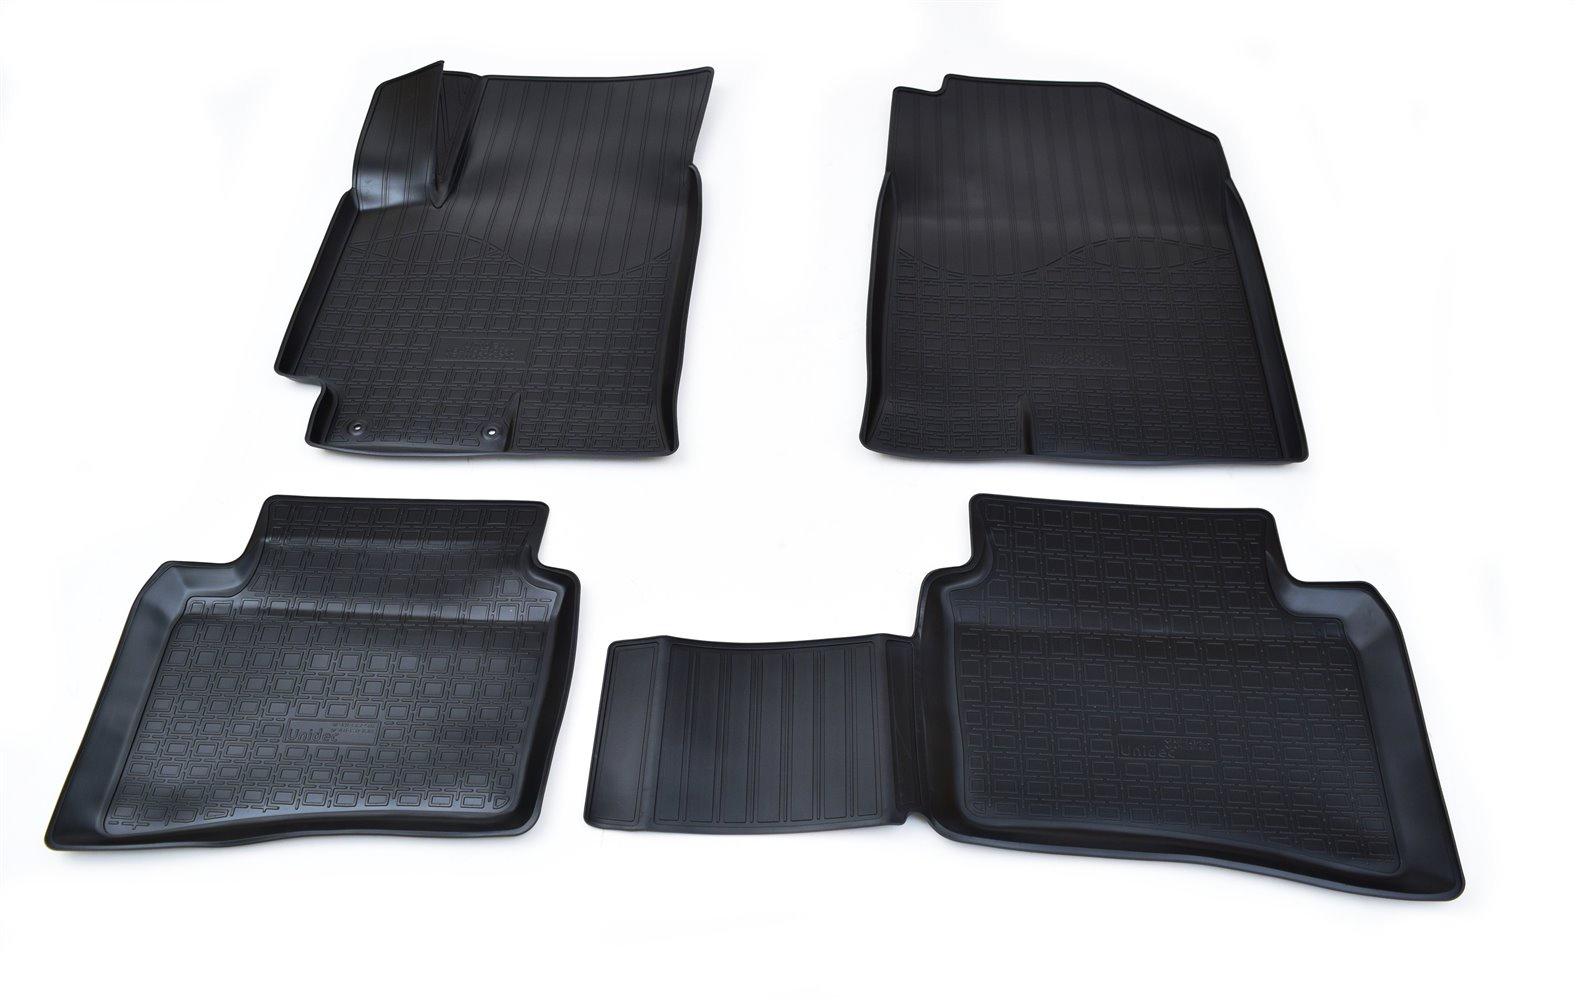 Коврики в салон автомобиля Norplast для Kia Rio (FB) 3D (2017), NPA11-C43-504, черный фильтра оригинальные для то для kia rio x line 2017